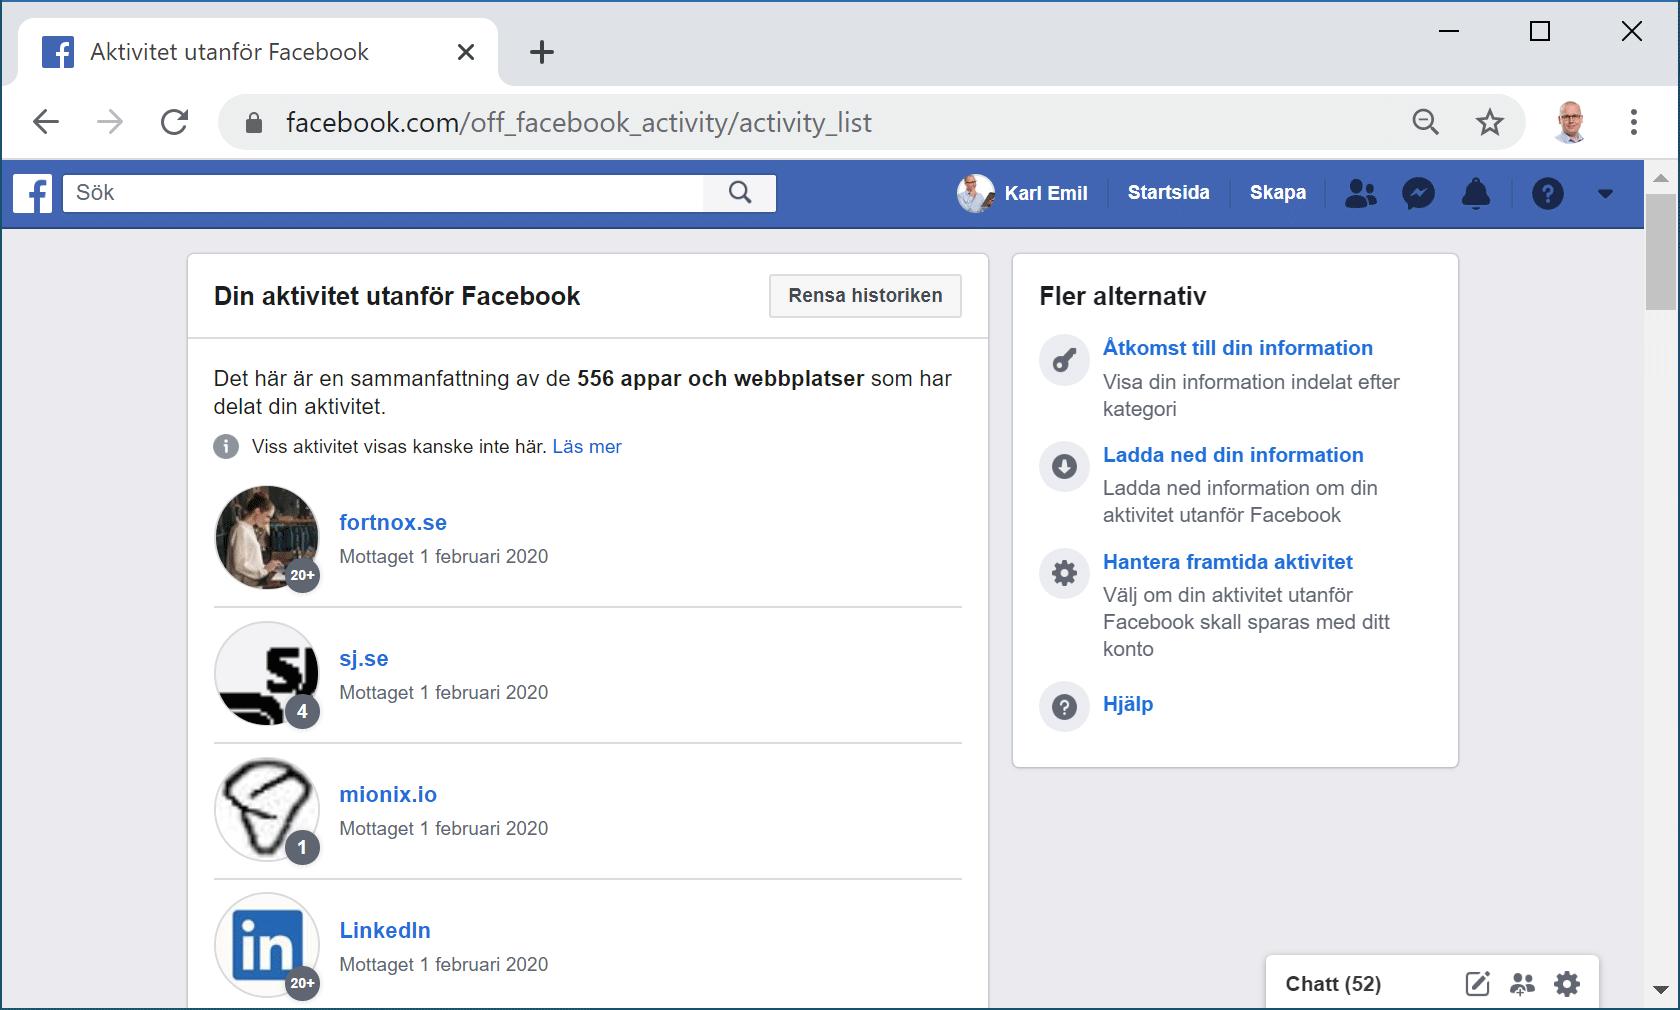 Facebooks aktivitetslog för aktivitet utanför Facebook